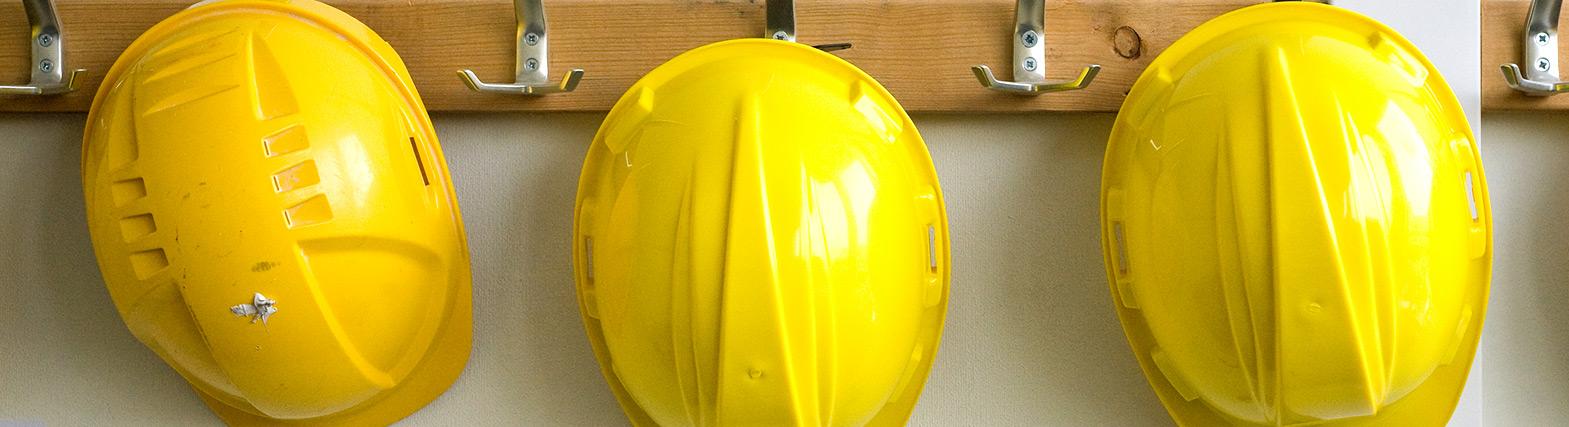 Aggiornamento formazione per addetto alla prevenzione incendi ed evacuazione in aziende a  rischio incendio basso